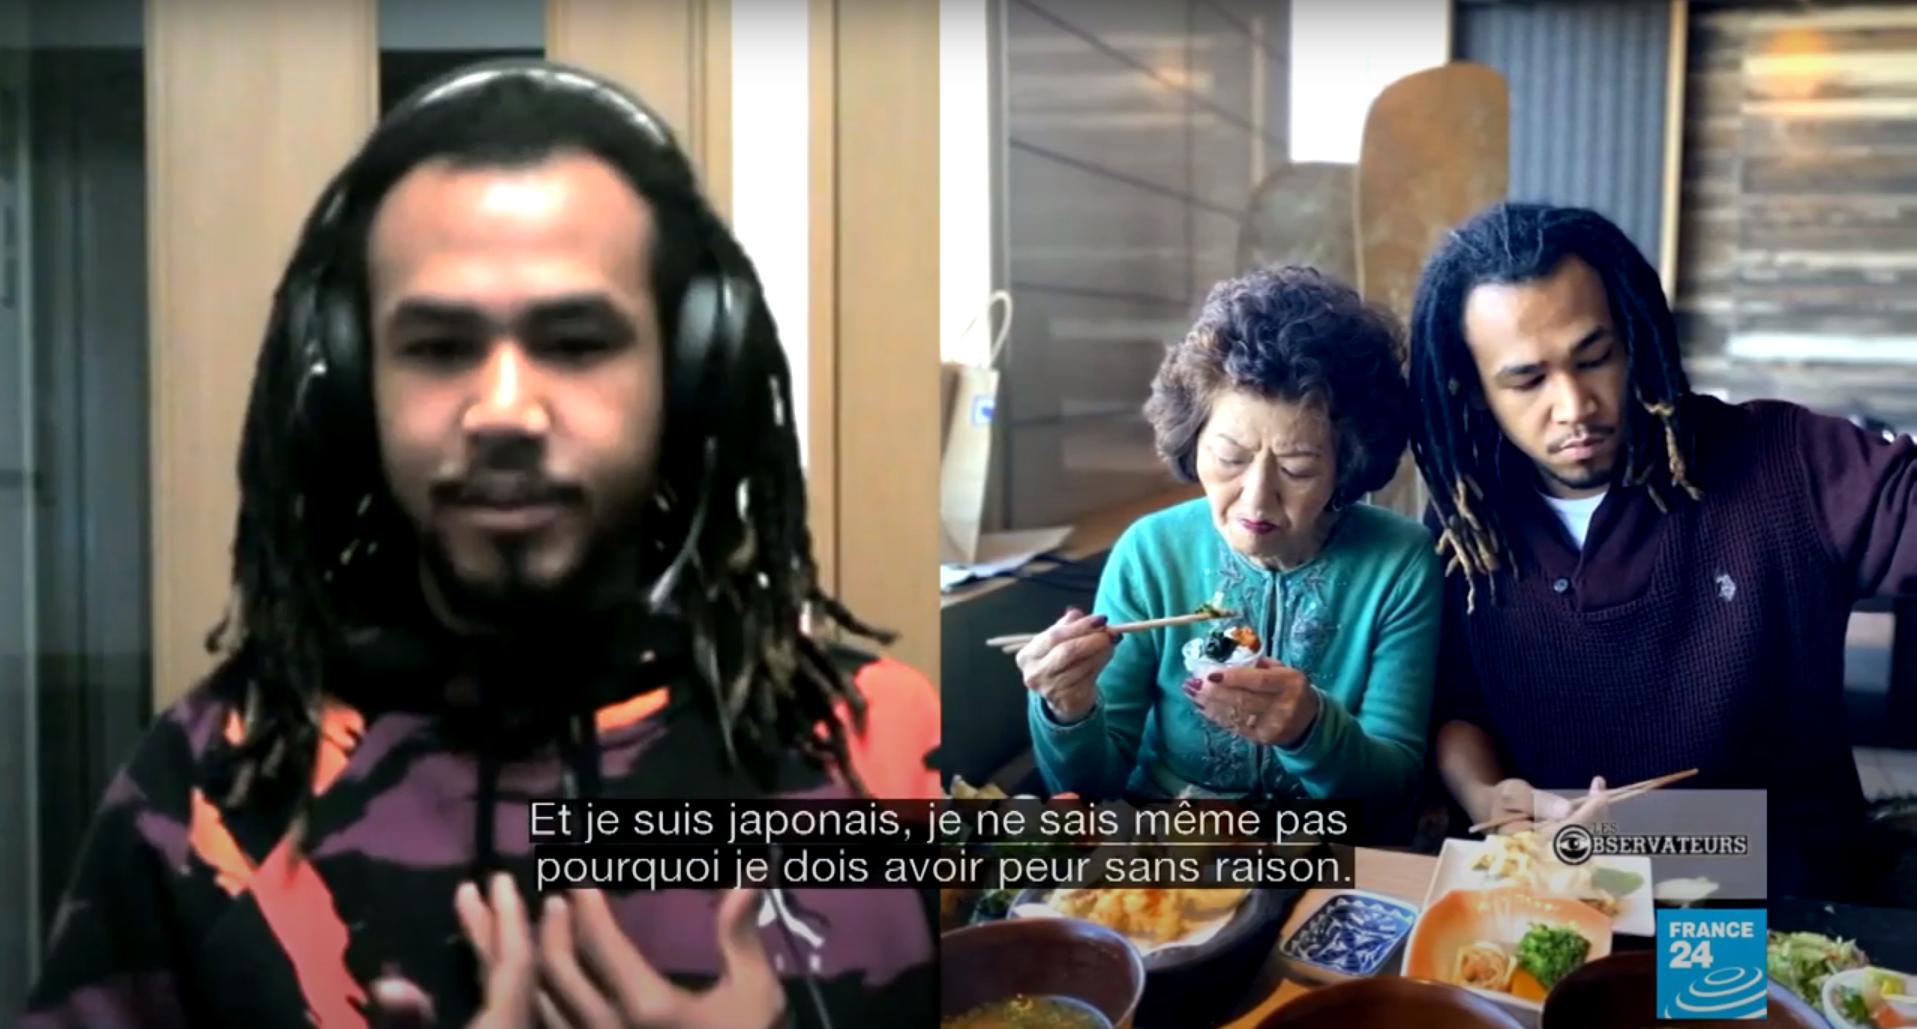 Au Japon, un policier pris en flagrant délit de racisme